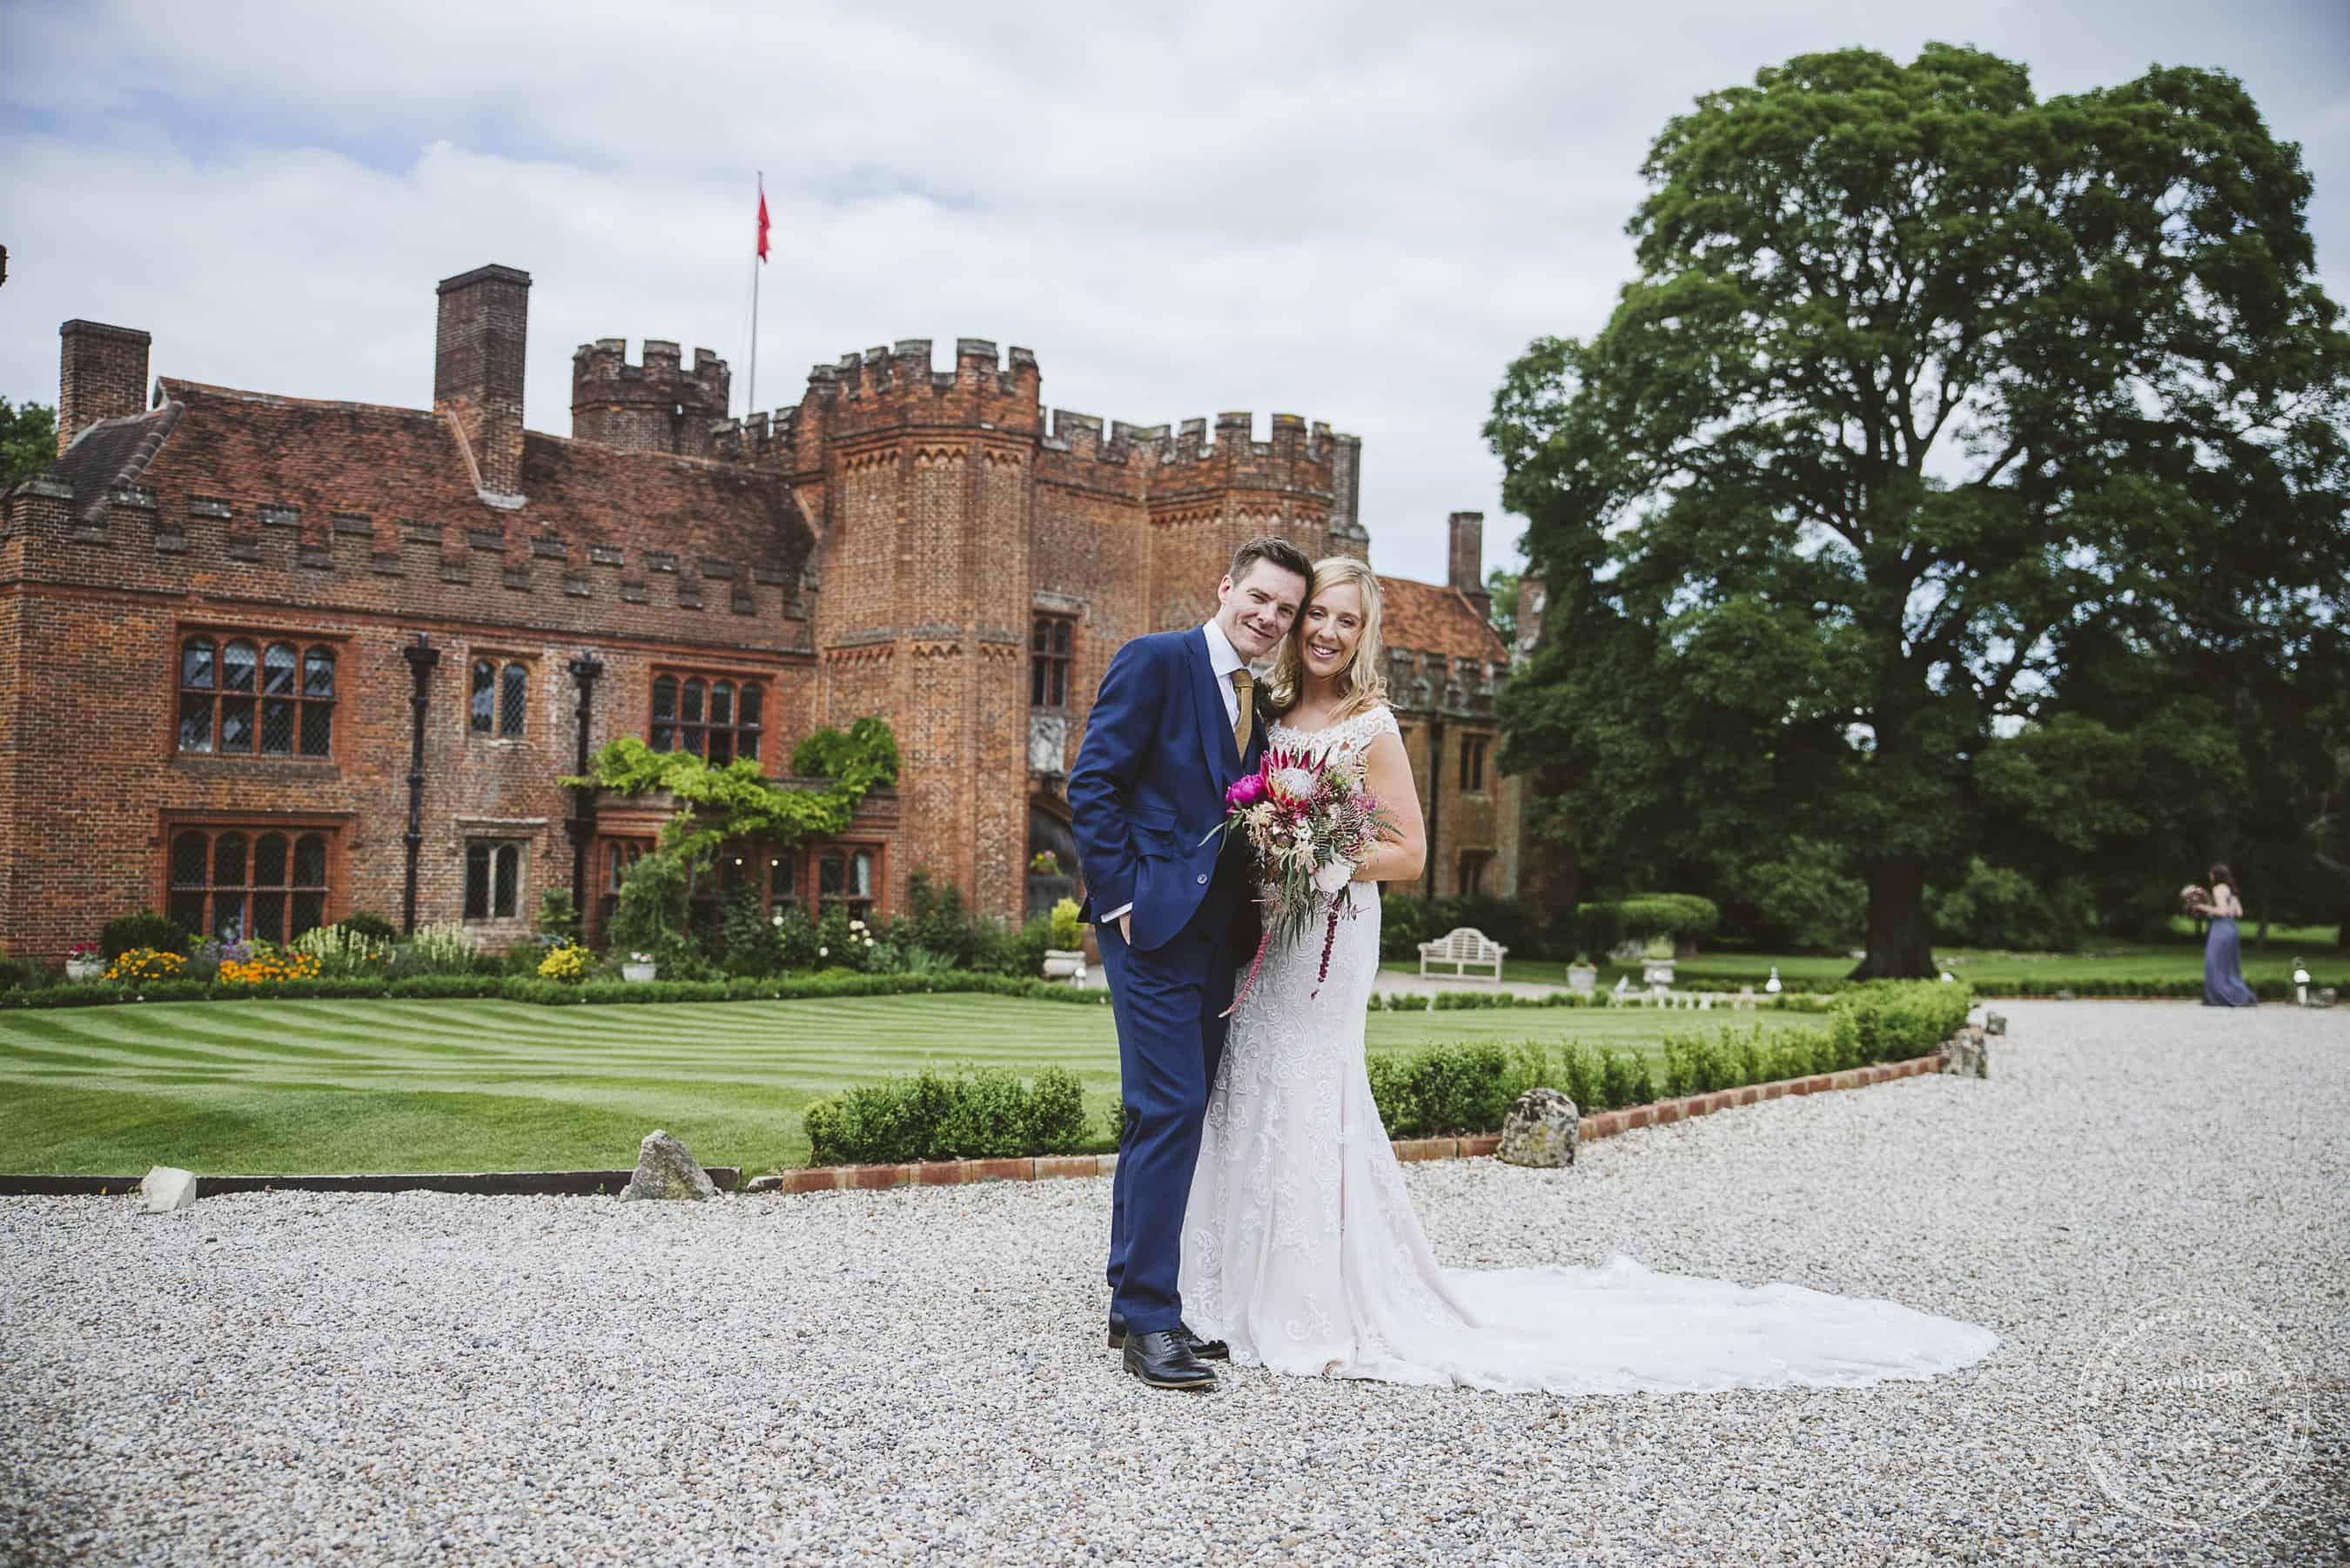 020618 Leez Priory Wedding Photography Lavenham Photographic 124